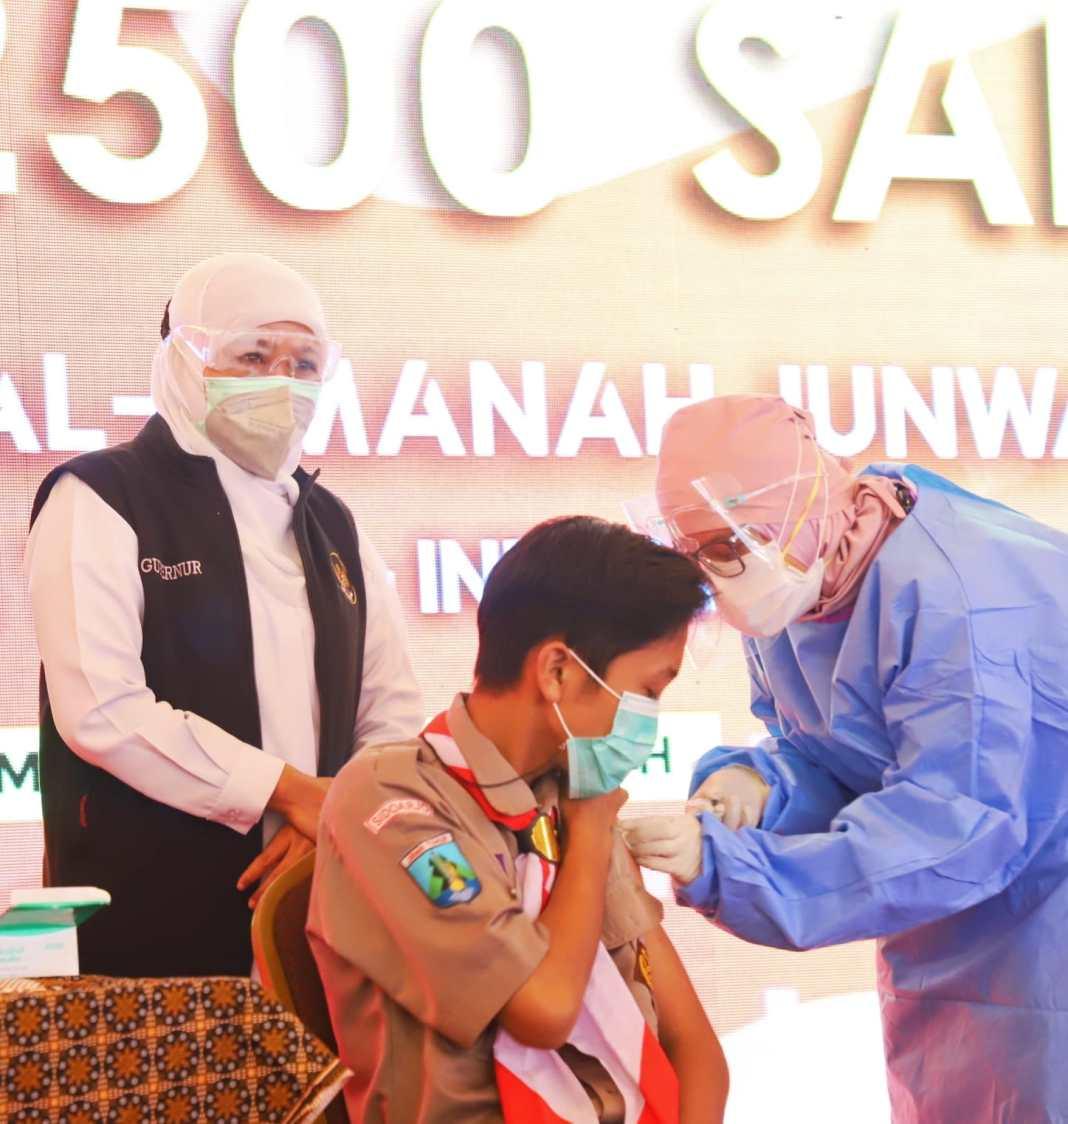 Pemerintah Indonesia Apresiasi Solidaritas Global di Masa Pandemi